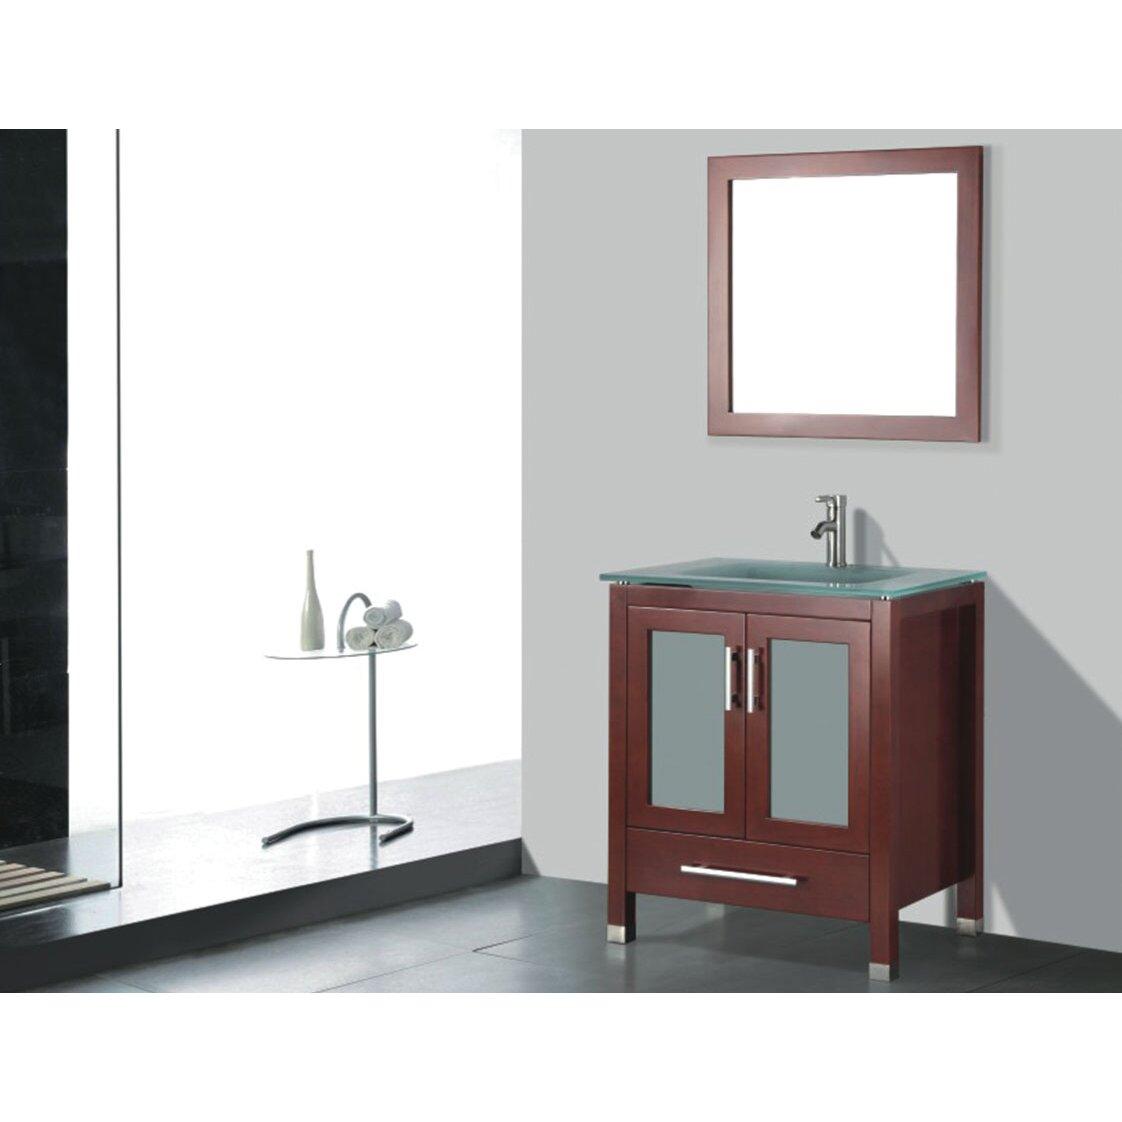 Adornus amara 24 single bathroom vanity set with mirror for Bathroom mirror set